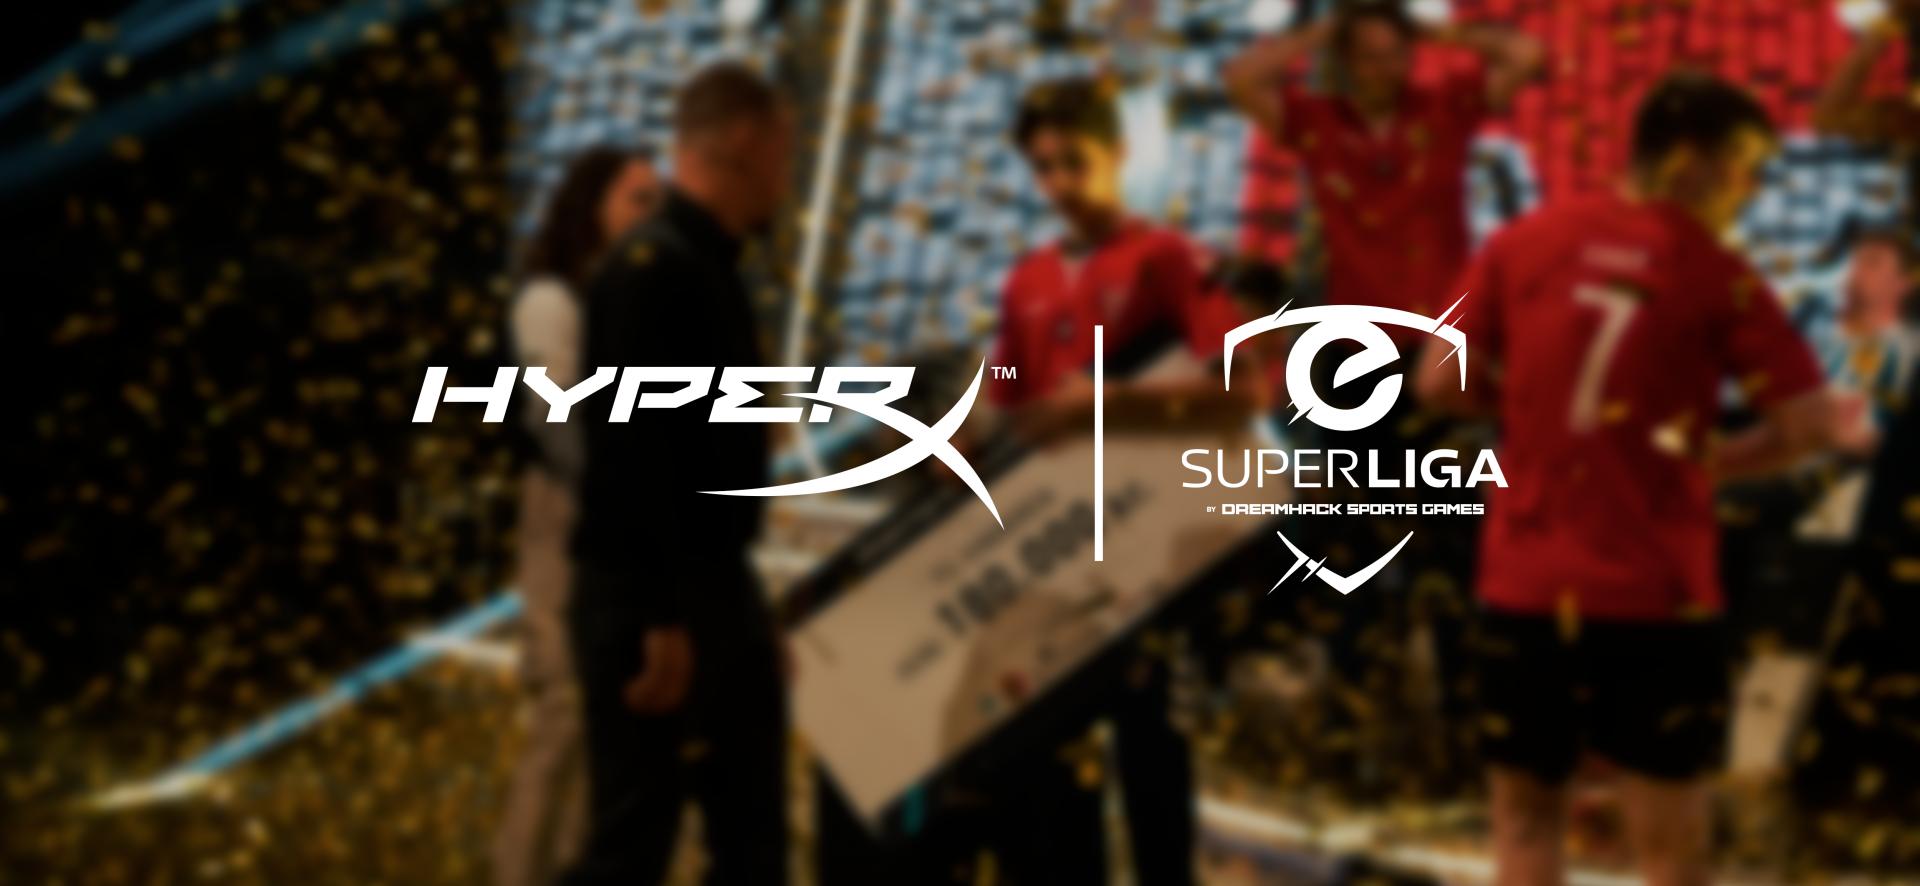 HyperX x eSuperliga